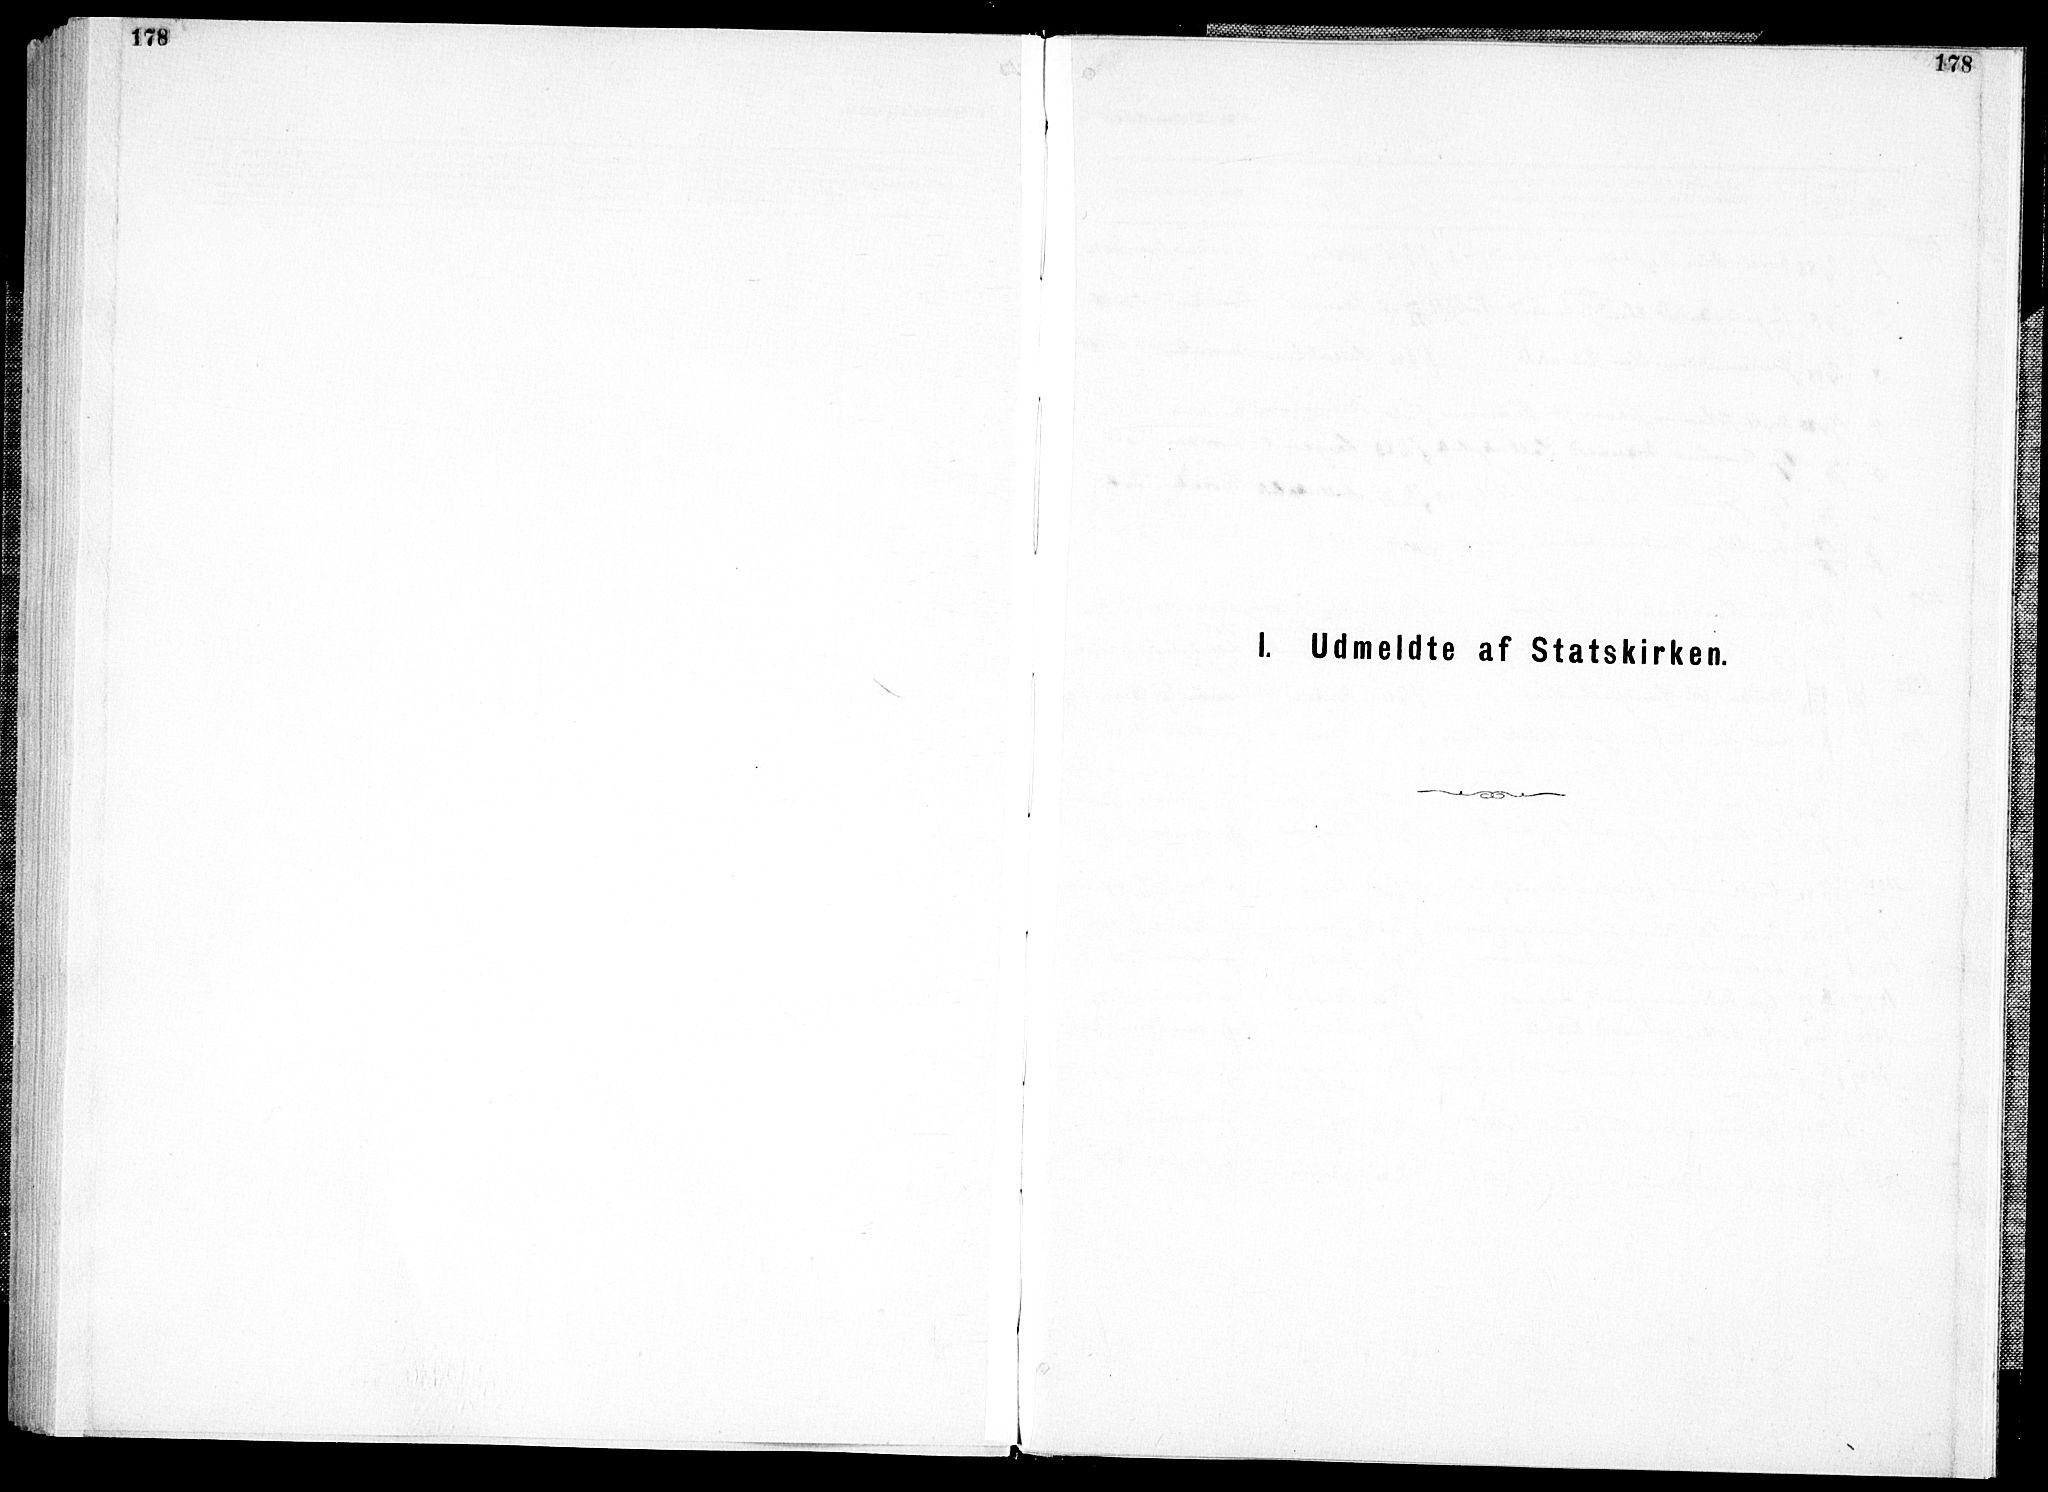 SAT, Ministerialprotokoller, klokkerbøker og fødselsregistre - Nord-Trøndelag, 733/L0325: Ministerialbok nr. 733A04, 1884-1908, s. 178